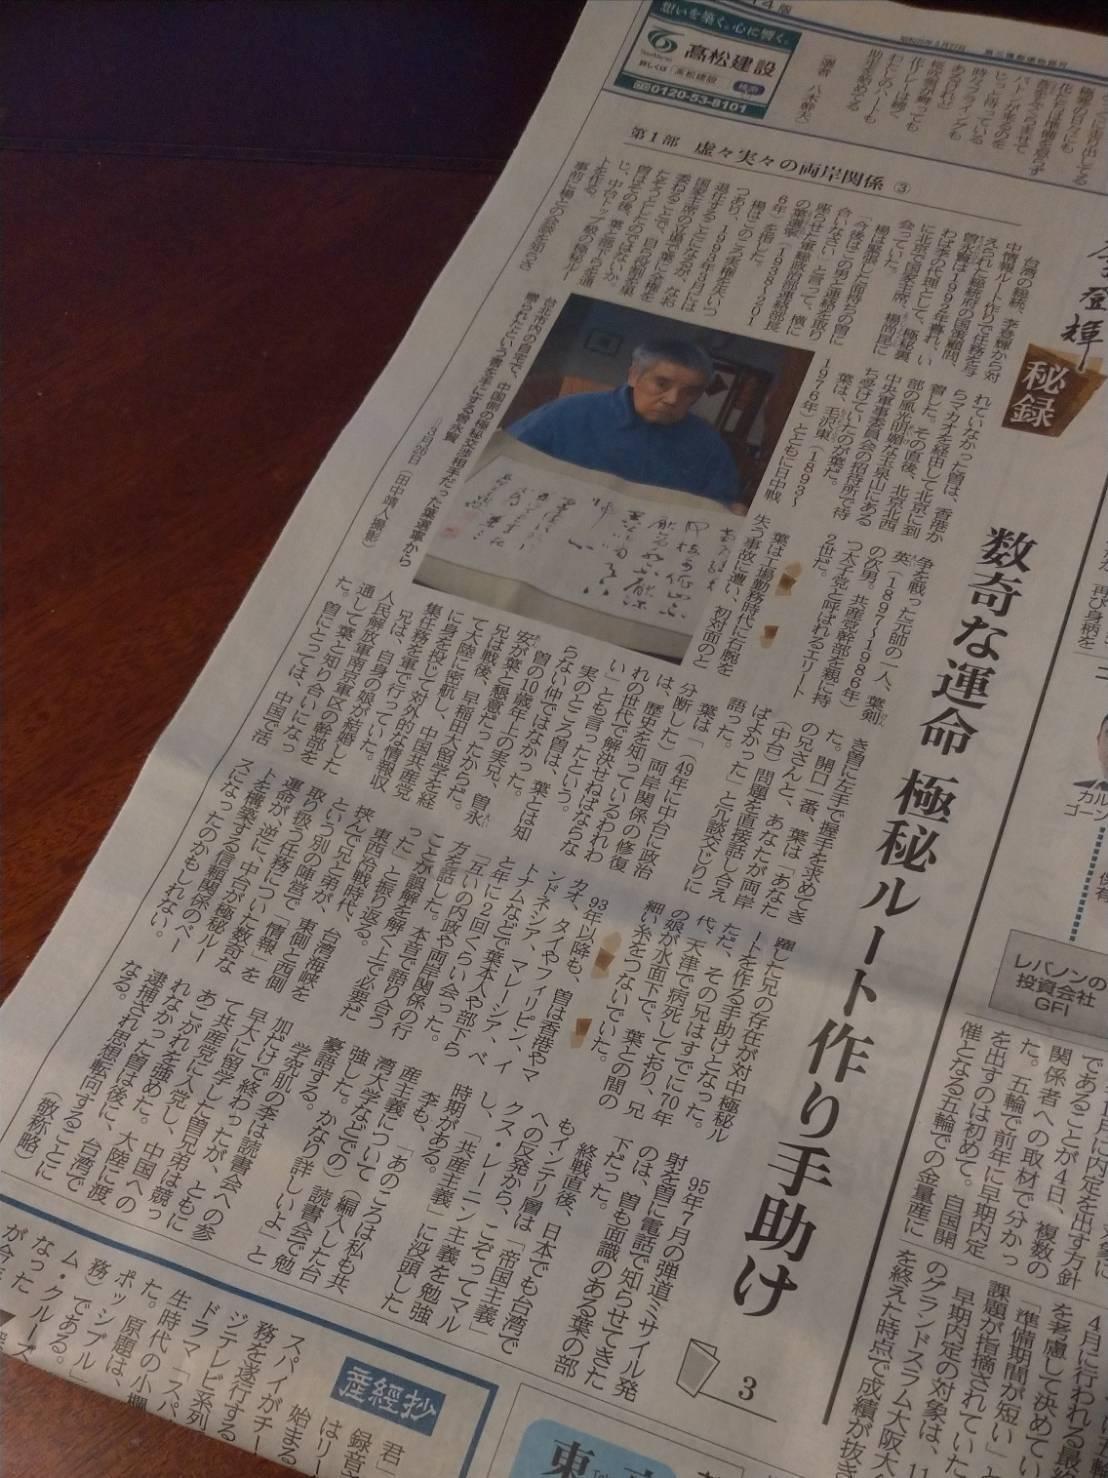 產經新聞繼續刊出「李登輝祕錄」,第三回介紹曾永賢兄弟分別在兩岸擔任情報蒐級任務,...